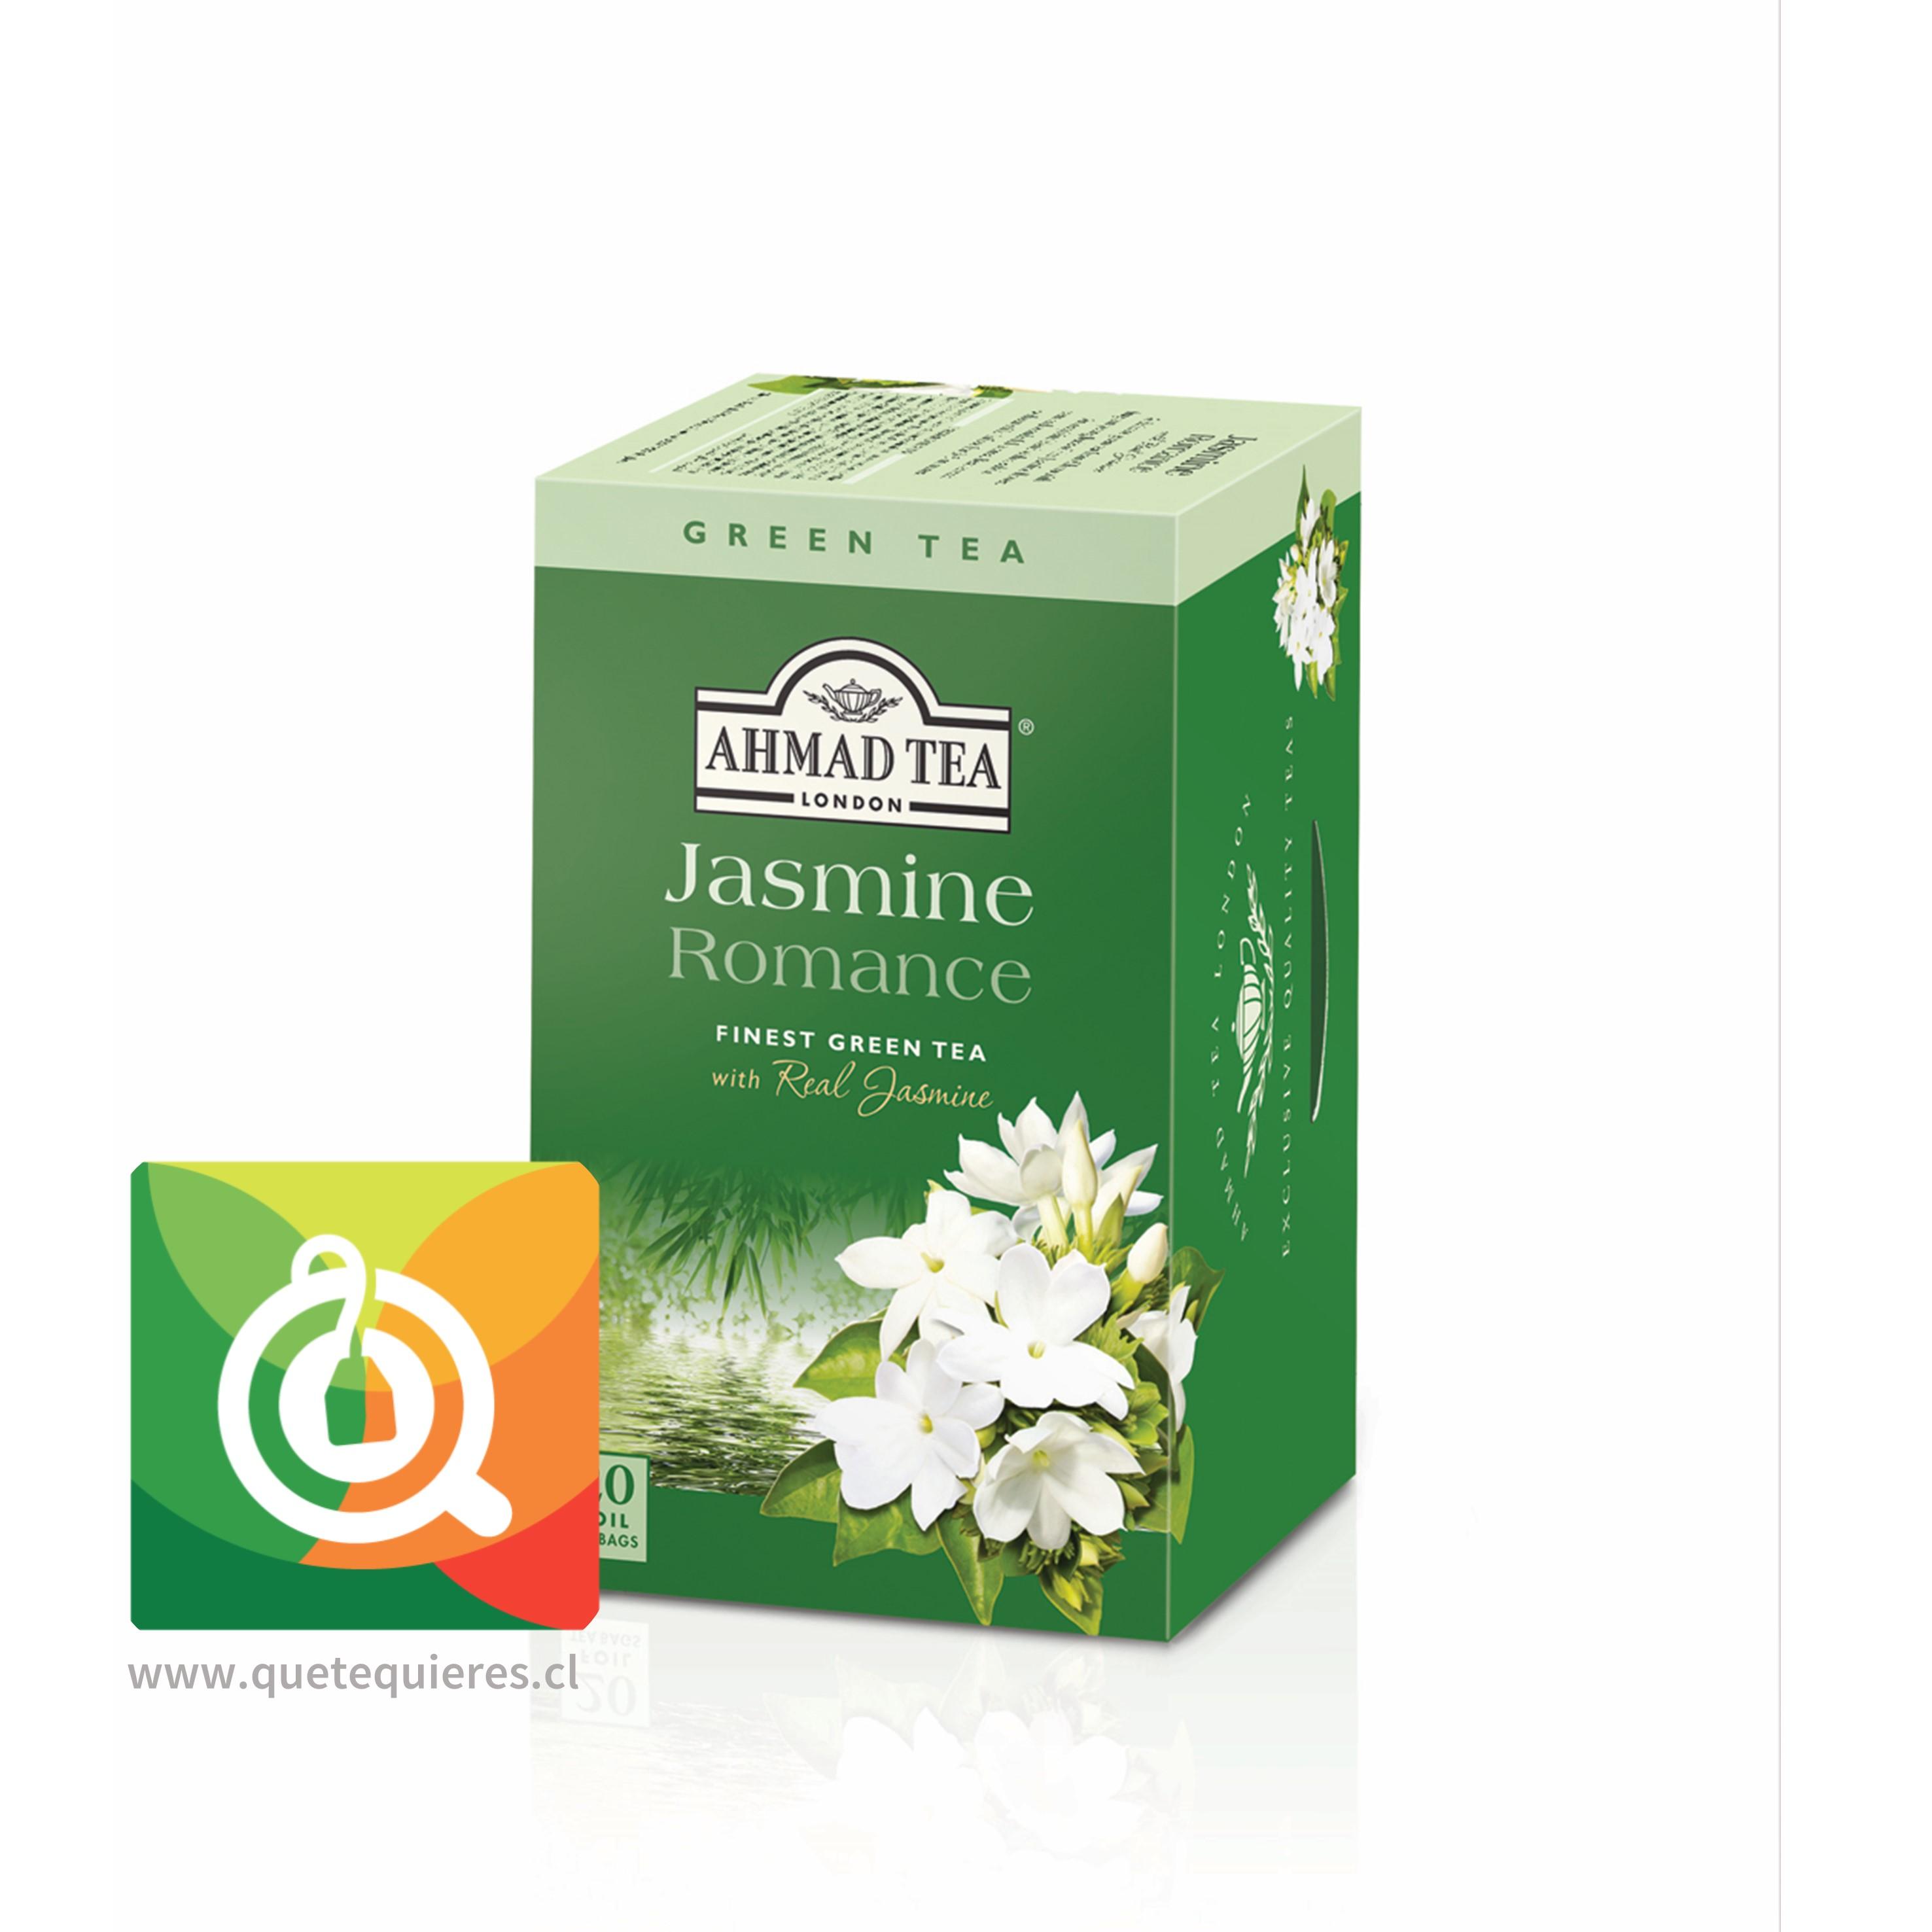 Ahmad Green Tea Jasmine Romance - Té Verde Jazmín